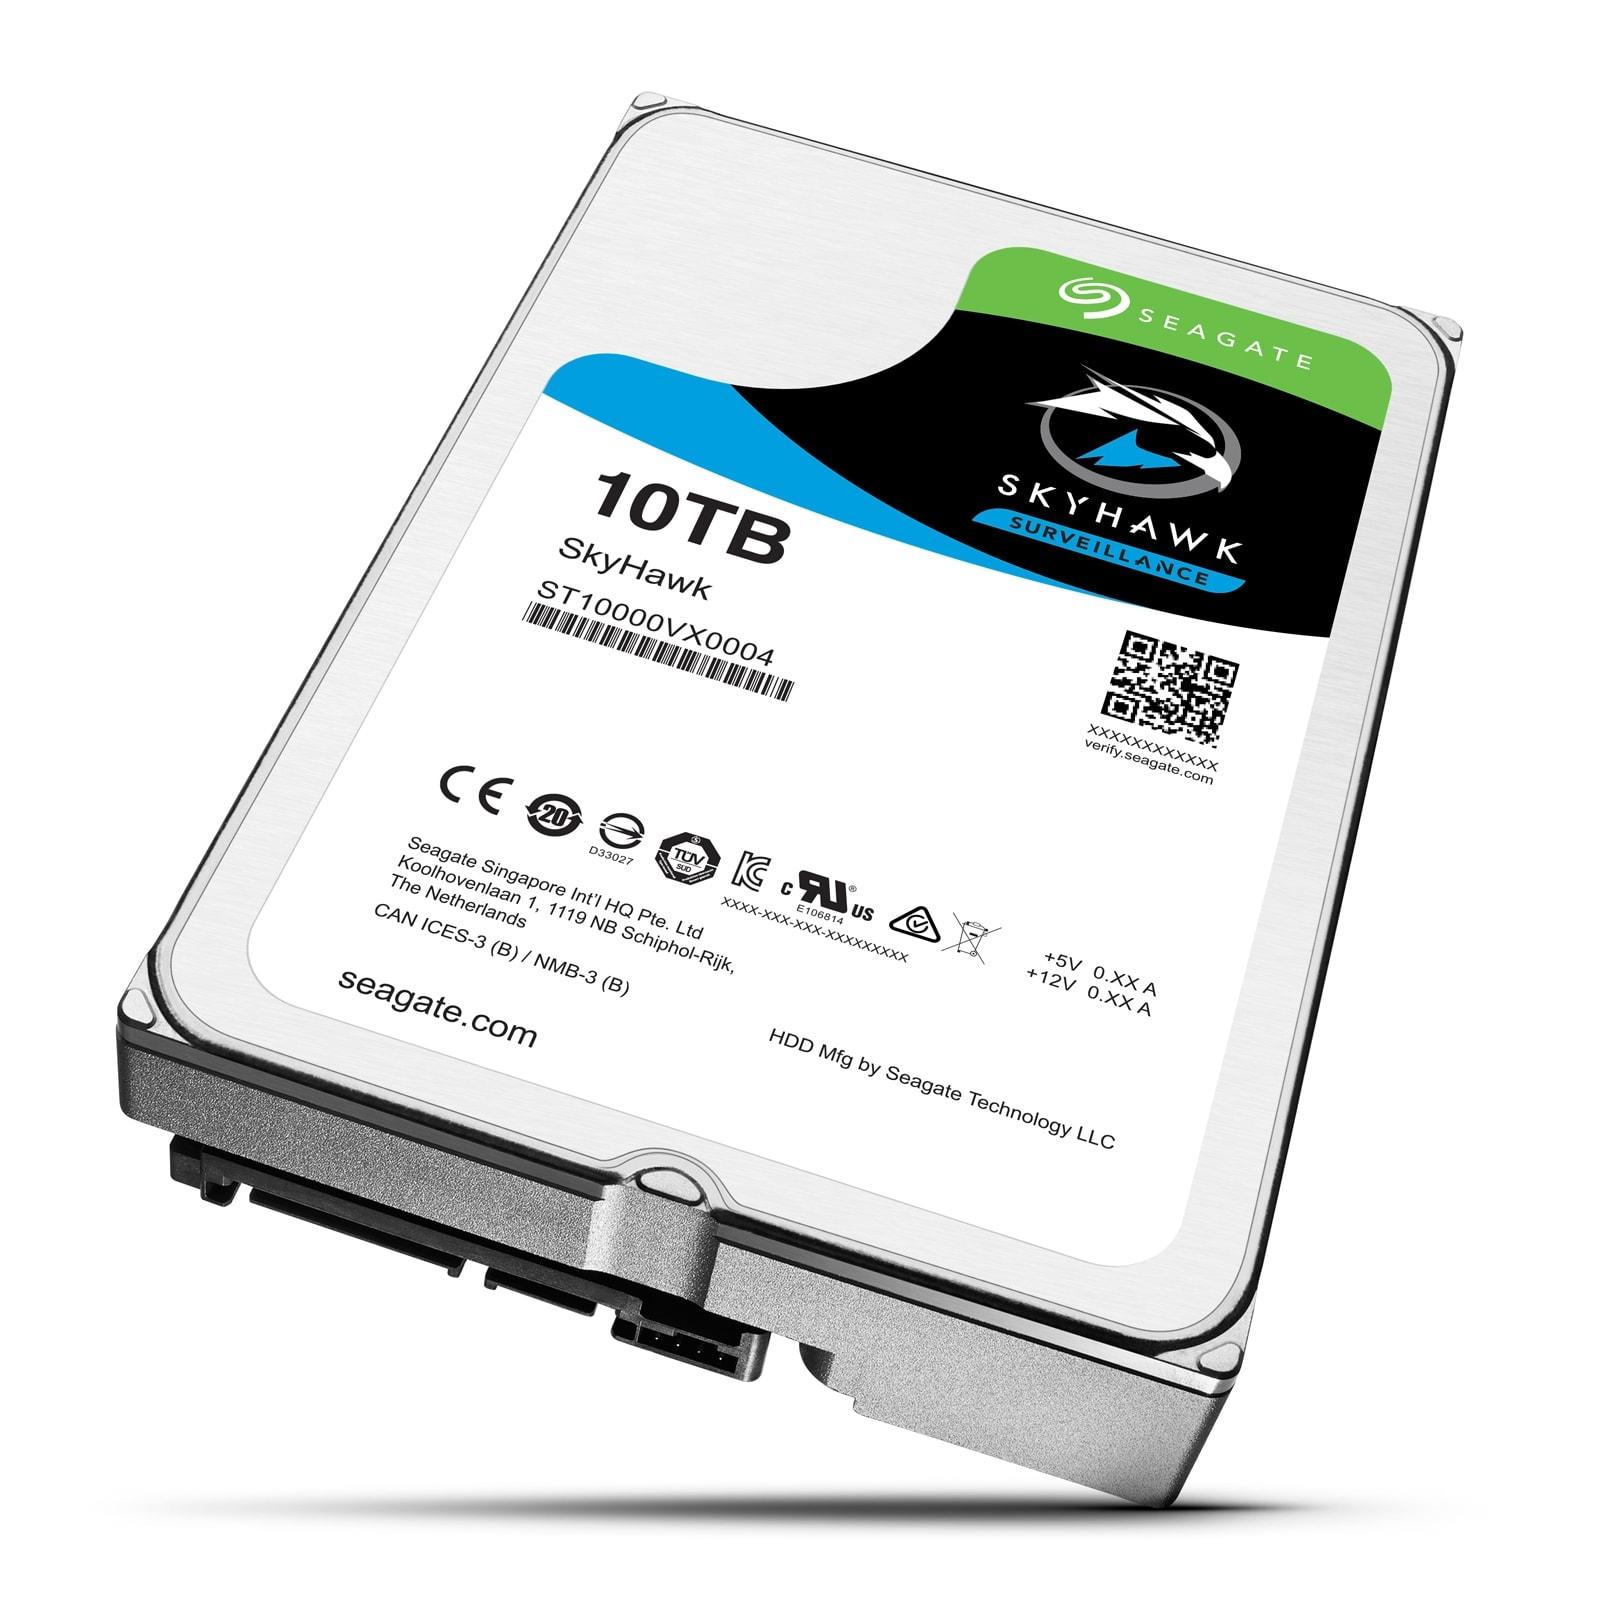 """Seagate 10To SATA III 256Mo SkyHawk ST10000VX0004 (ST10000VX0004) - Achat / Vente Disque dur interne 3.5"""" sur Cybertek.fr - 0"""